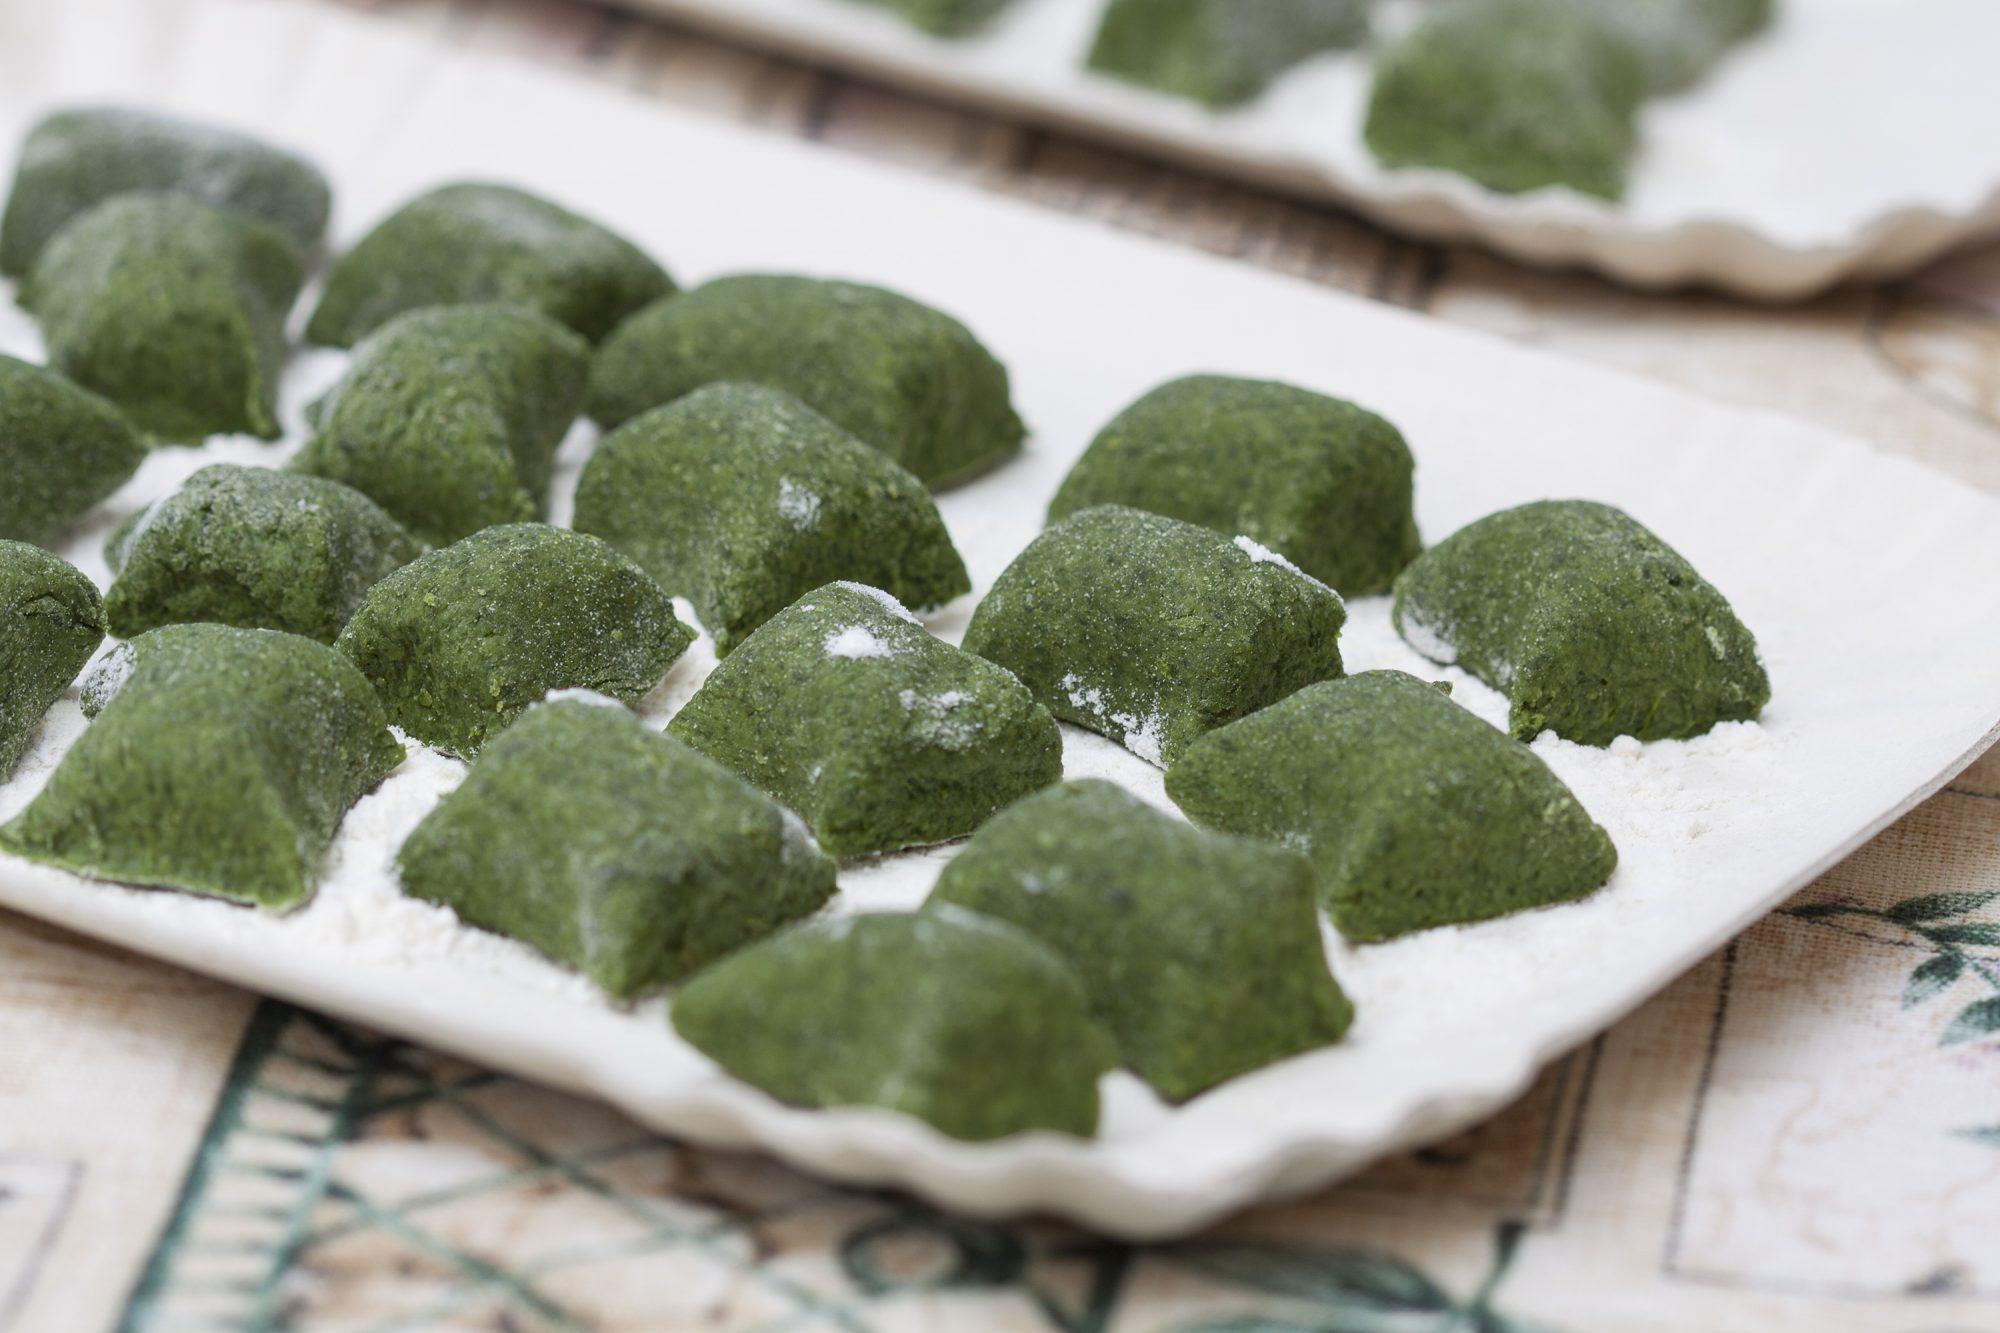 Ricetta Gnocchi Spinaci E Patate.Gnocchi Di Spinaci Senza Patate Fatti In Casa Alternativa Leggera